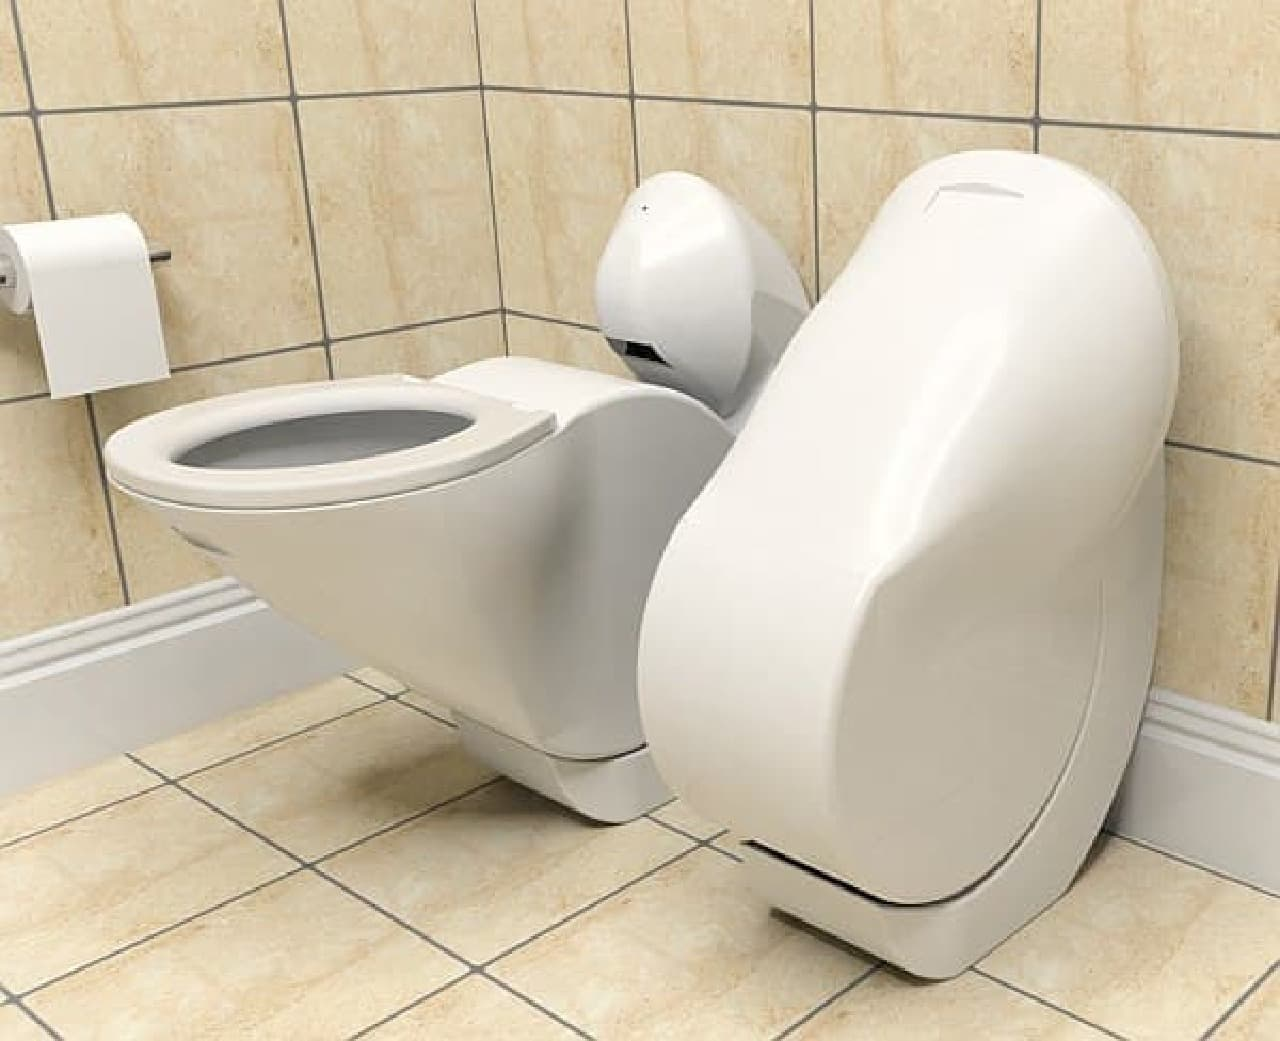 折り畳み式便器「Iota Folding Toilet」